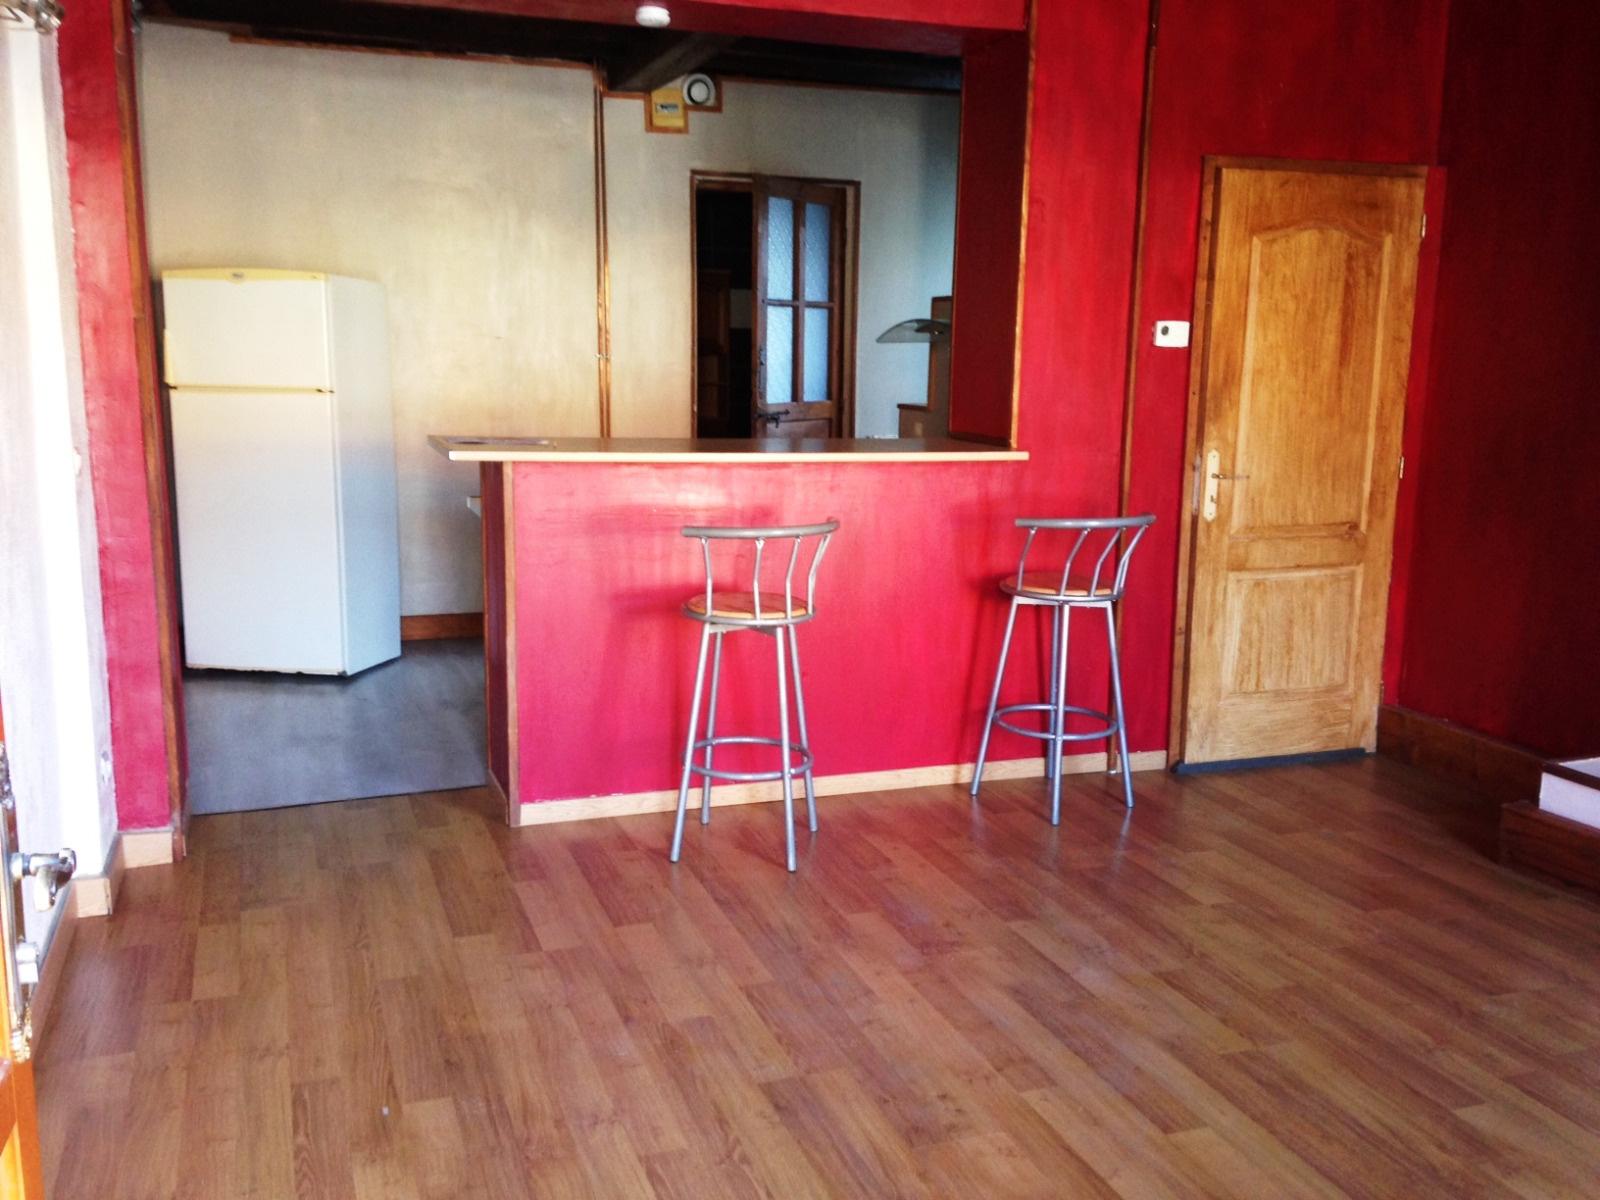 Vente maison semi individuelle 1 grande chambre s jour ouvert sur la cuisine cave - Garage petit sains en gohelle ...